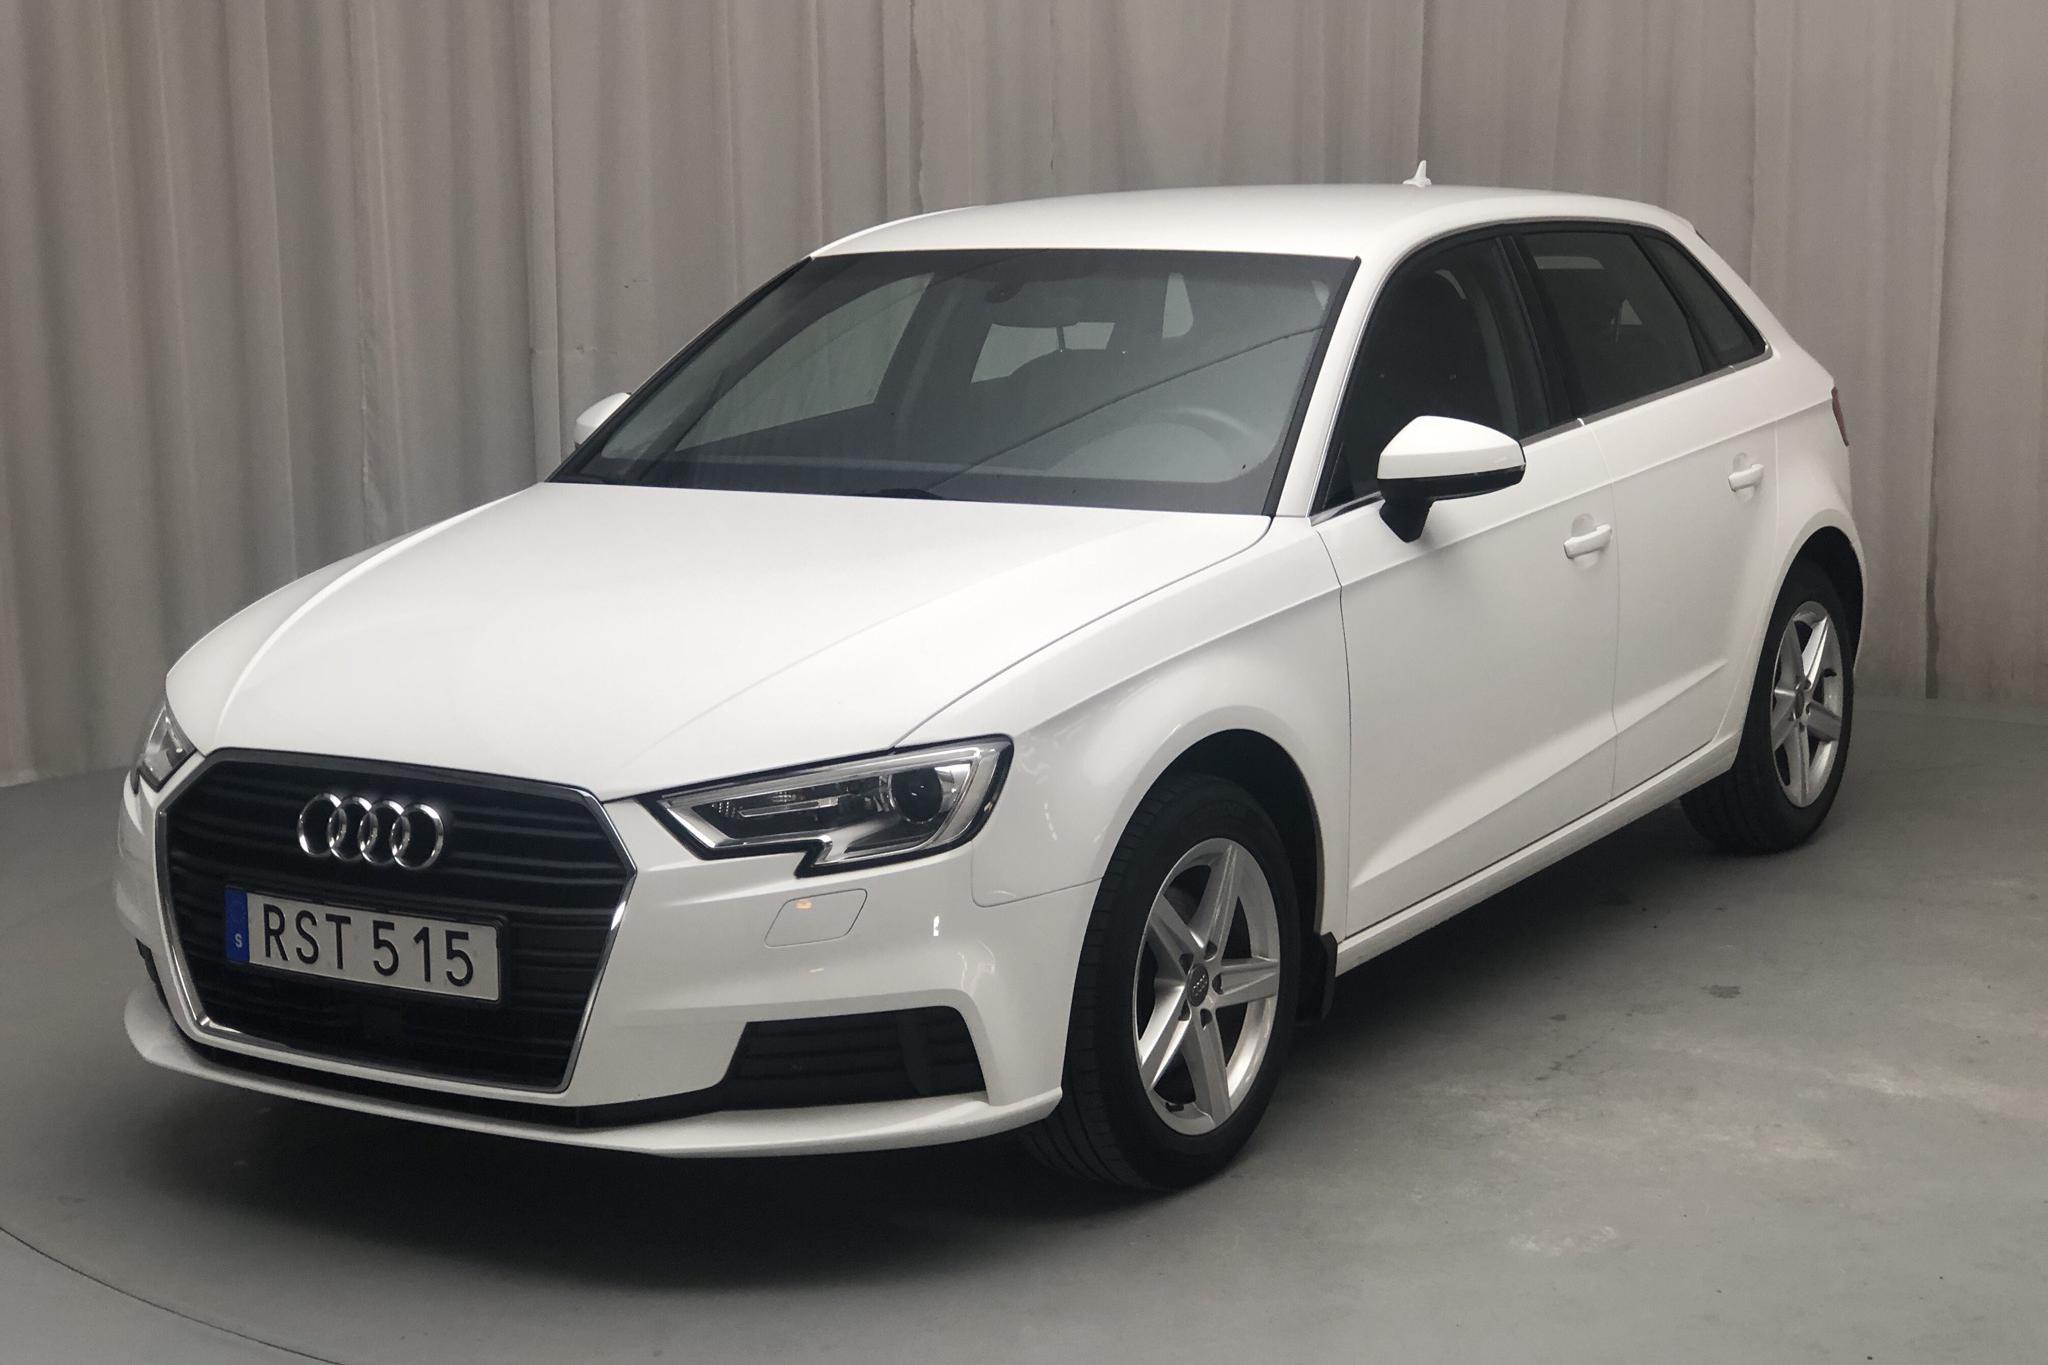 Audi A3 1.5 TFSI Sportback (150hk) - 76 970 km - Manual - white - 2018